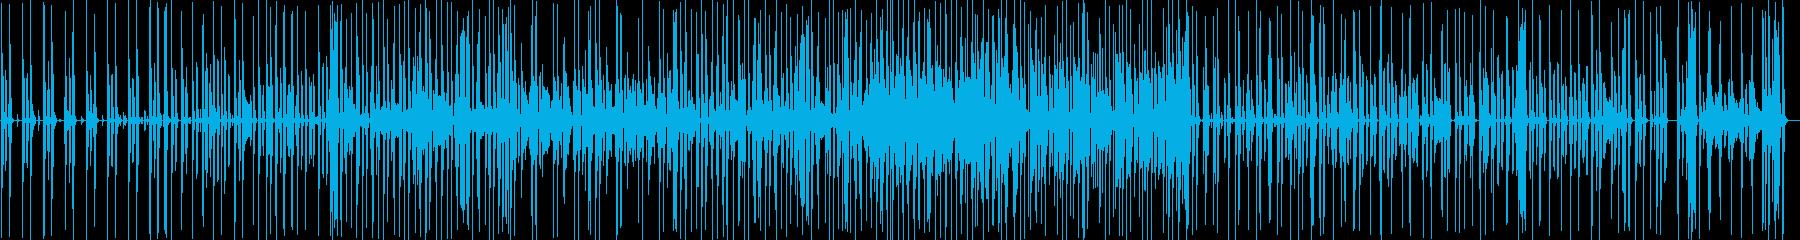 緊張感のあるファンクの再生済みの波形